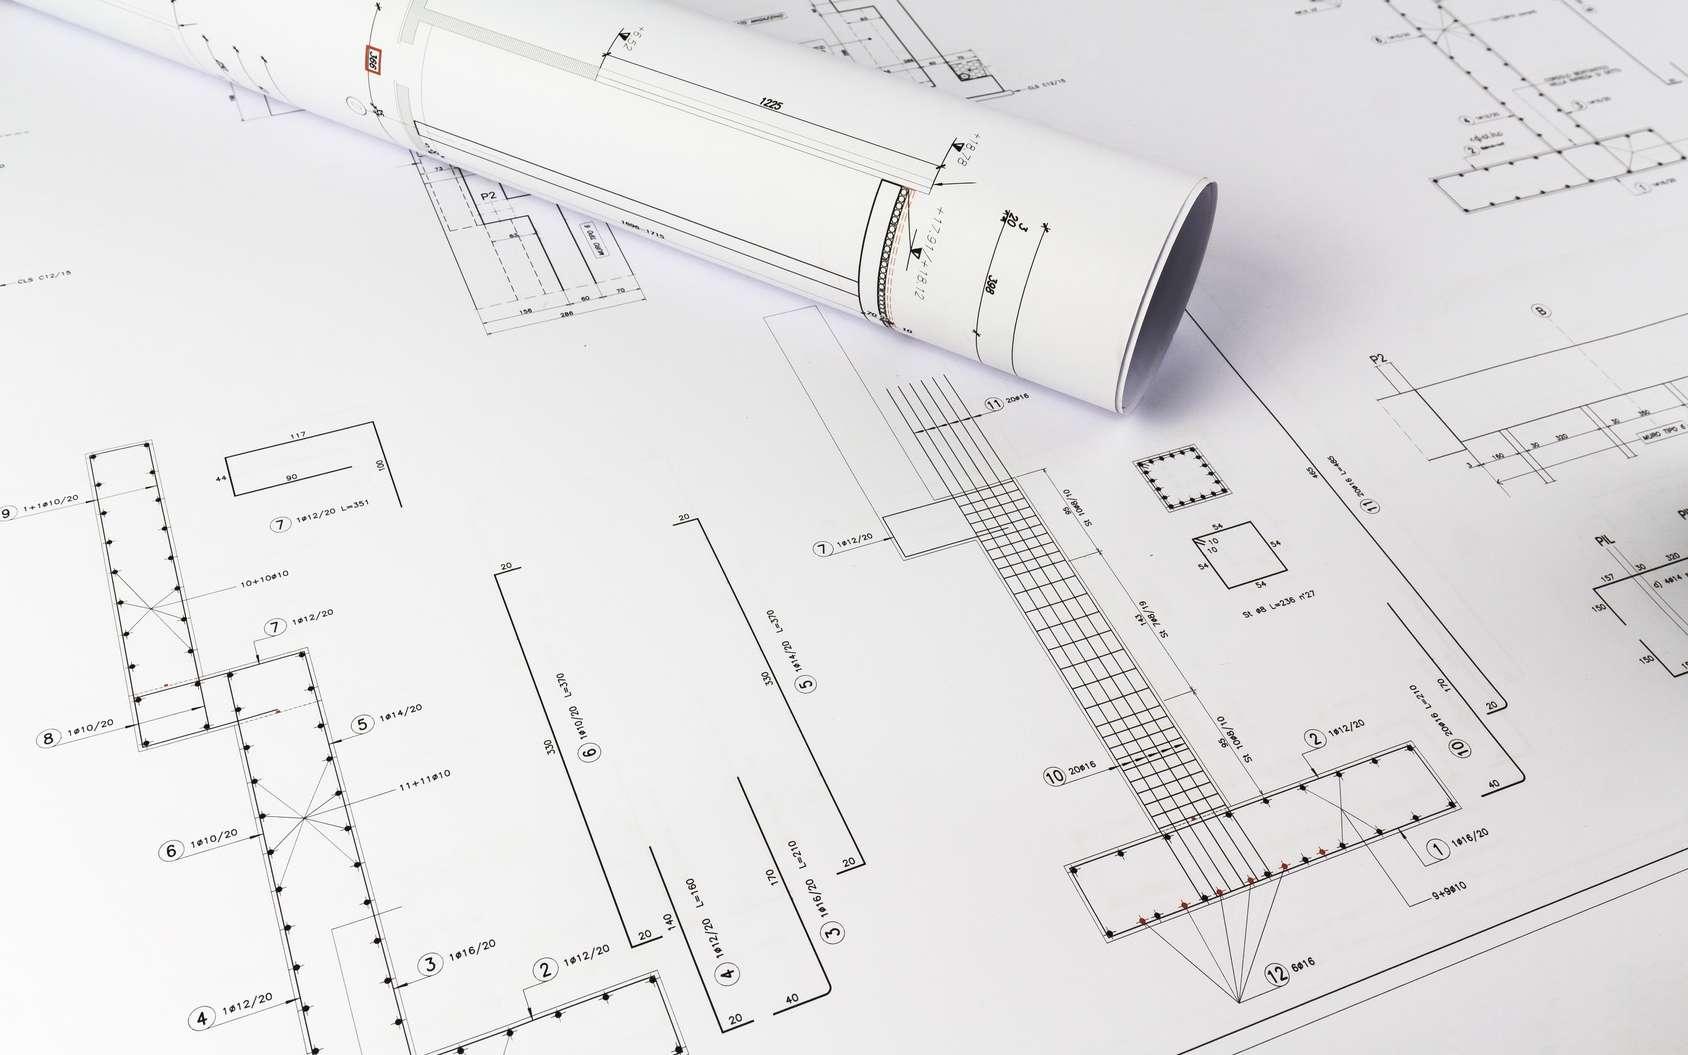 L'ingénieur bureau d'études intervient souvent en amont d'un nouveau projet, à partir de plans. Il cherche à innover et élabore des prototypes avant toute phase de production. © caifas, Fotolia.